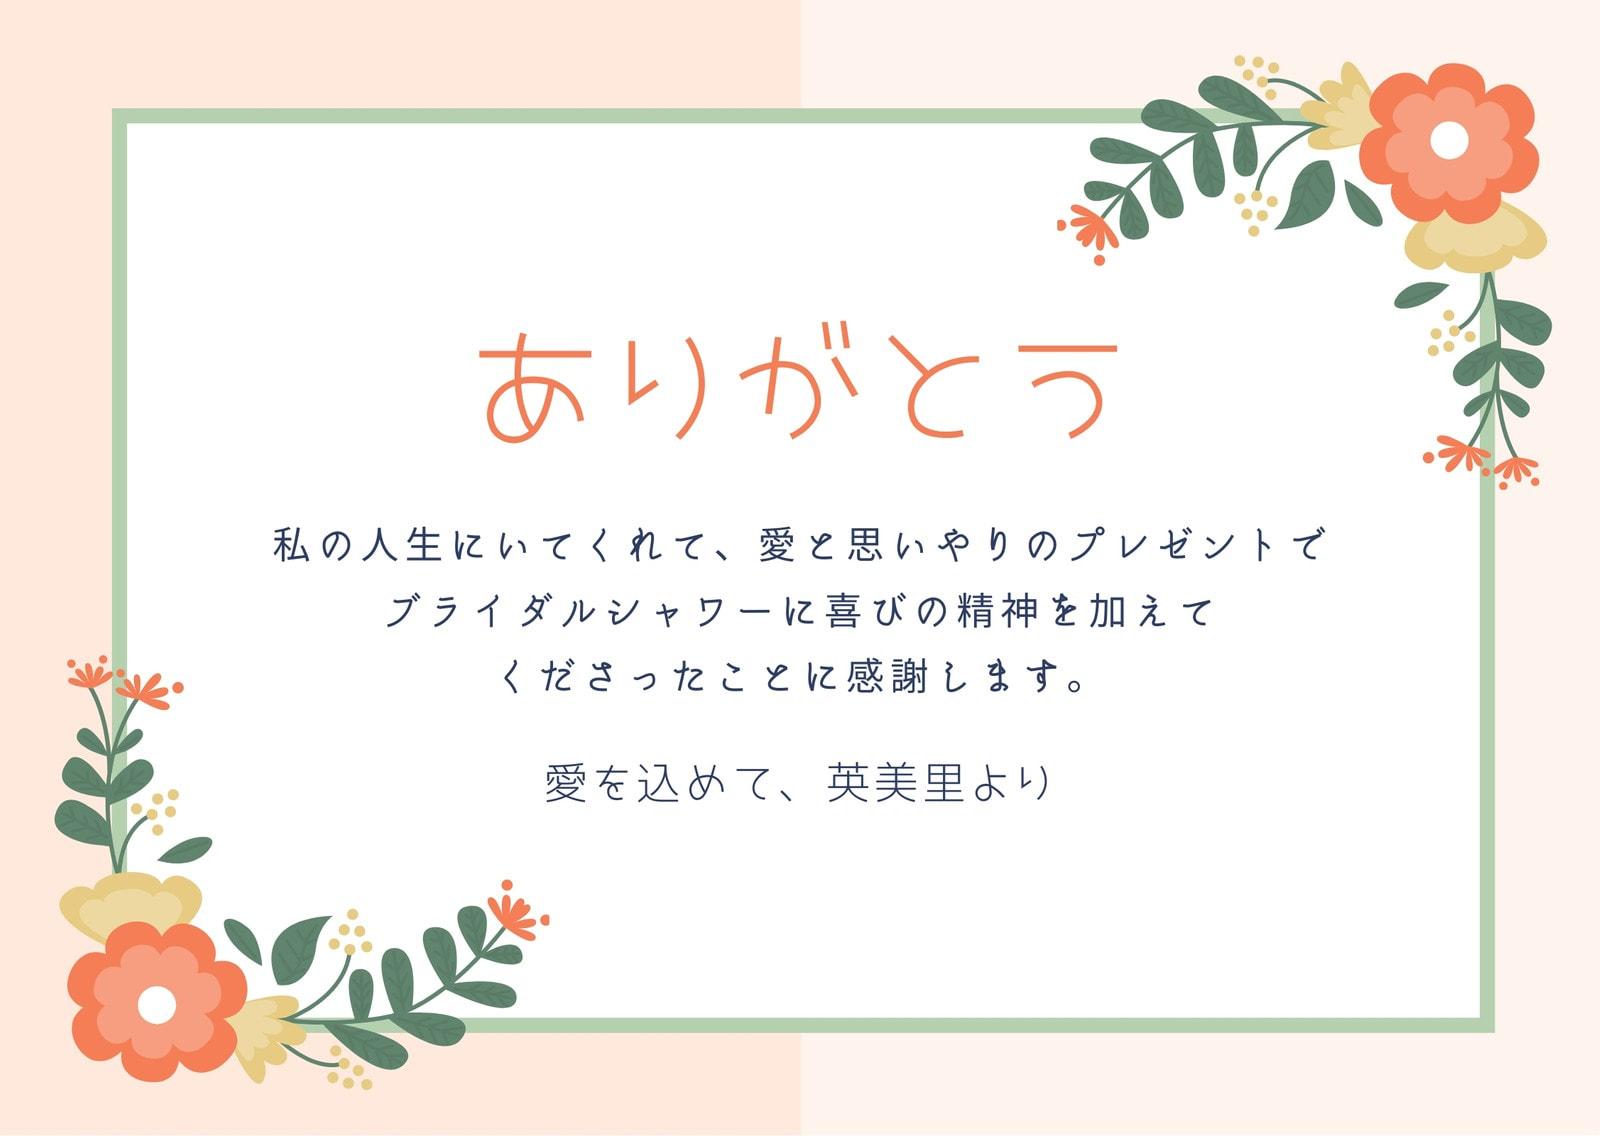 コーラル、花・ブライダル・シャワー、感謝、カード